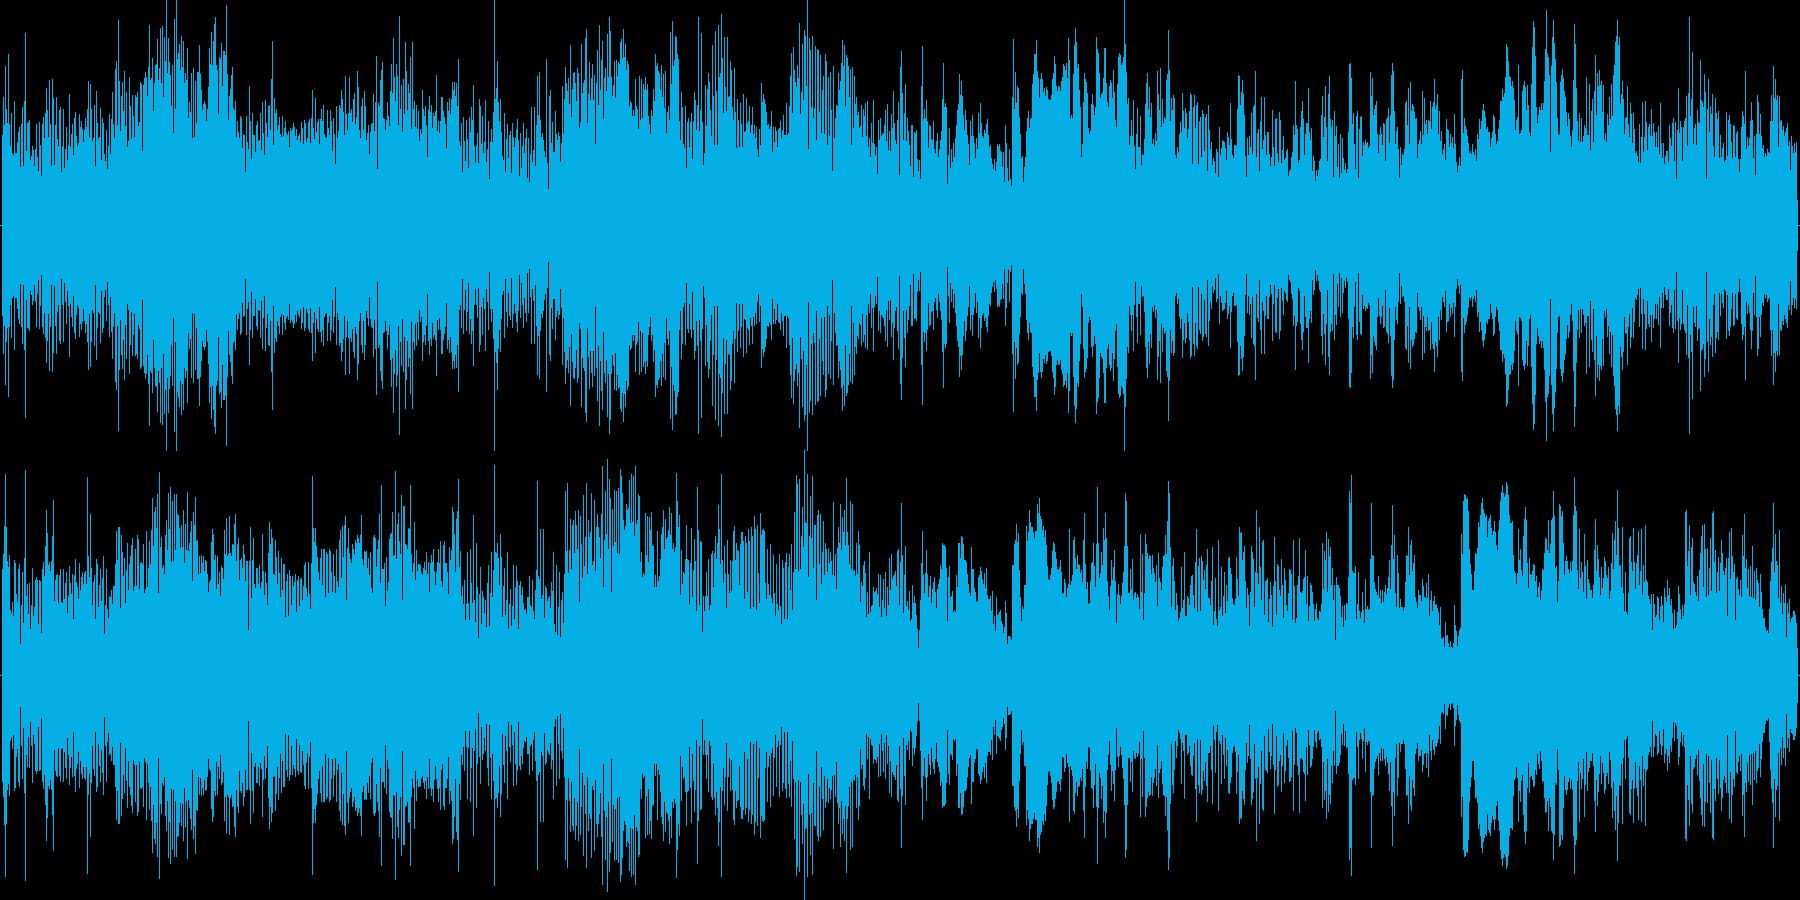 ダーク系やホラー系の再生済みの波形